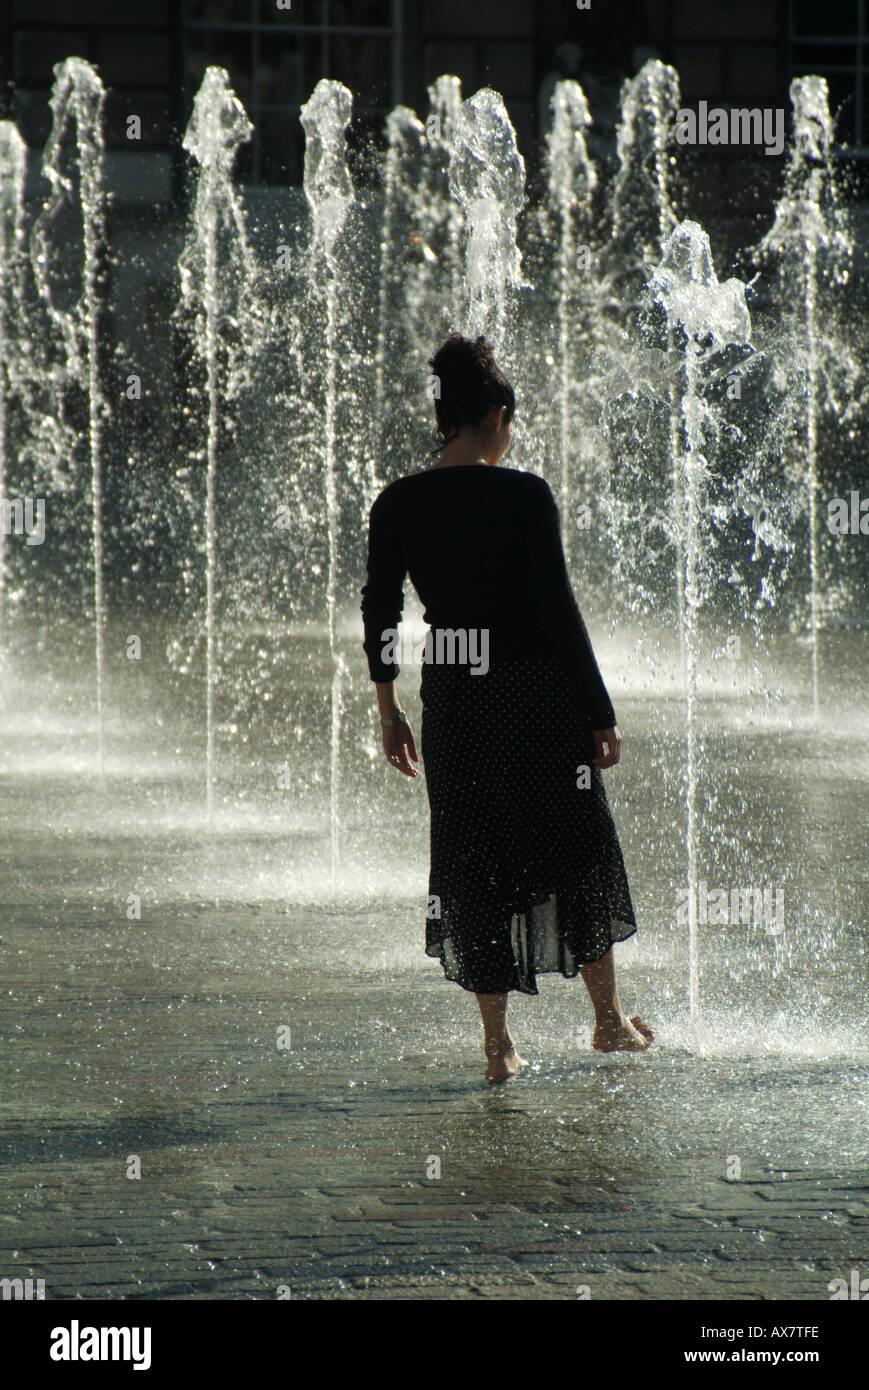 Springbrunnen Wasserspiel junge Frau Abkühlung heißes Sommerwetter Konzept das Wasser oder tauchen Zehe im Wasser London England Großbritannien Stockbild